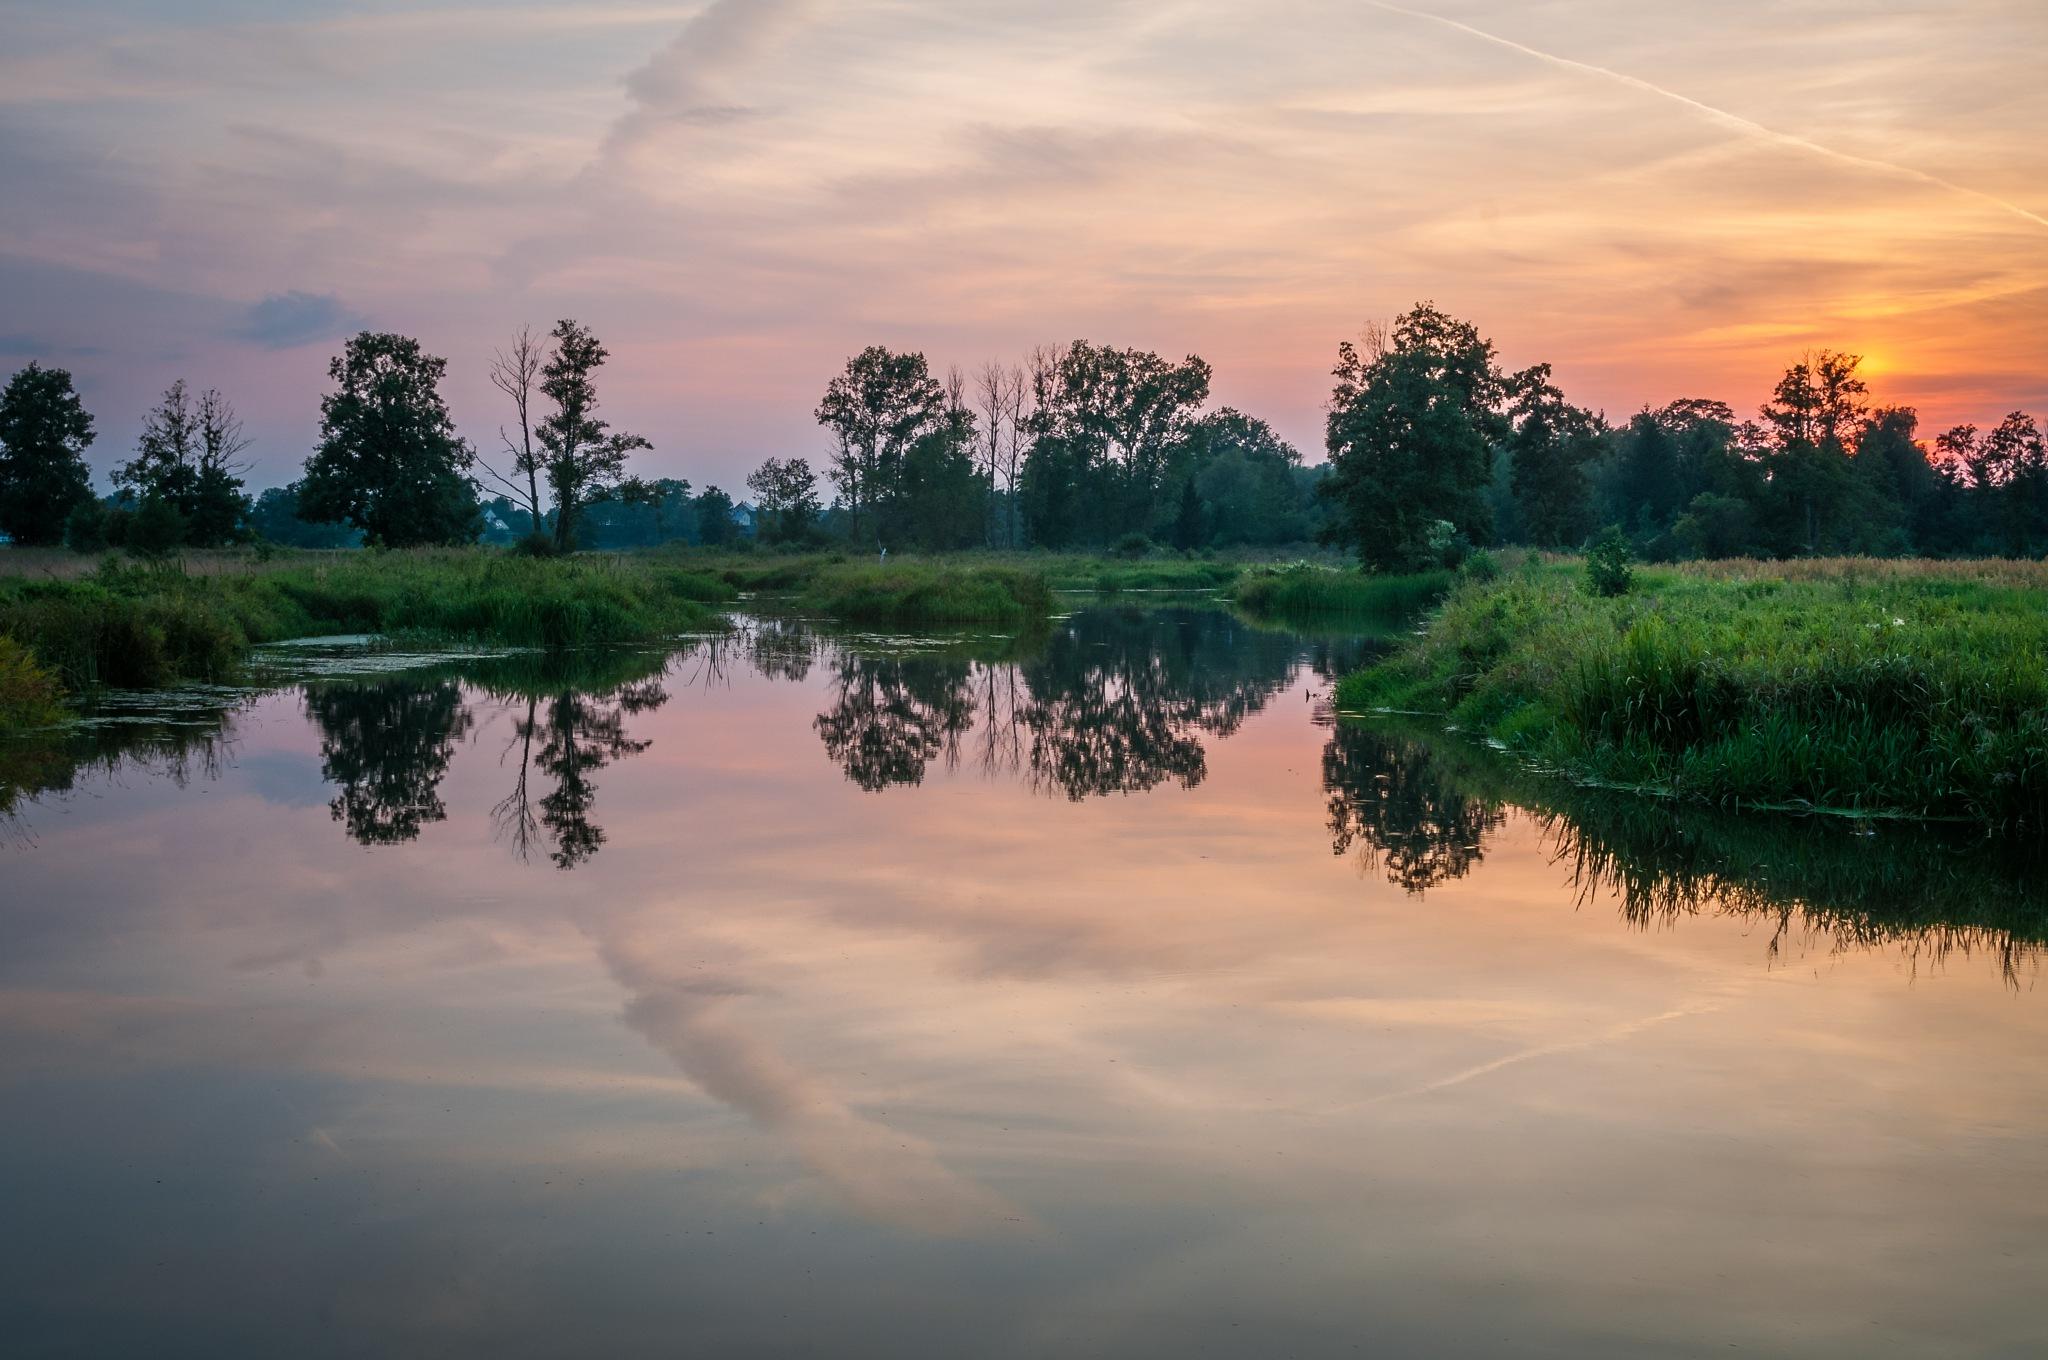 Rozlewisko rzeki Liwiec by Marcin Zagórski